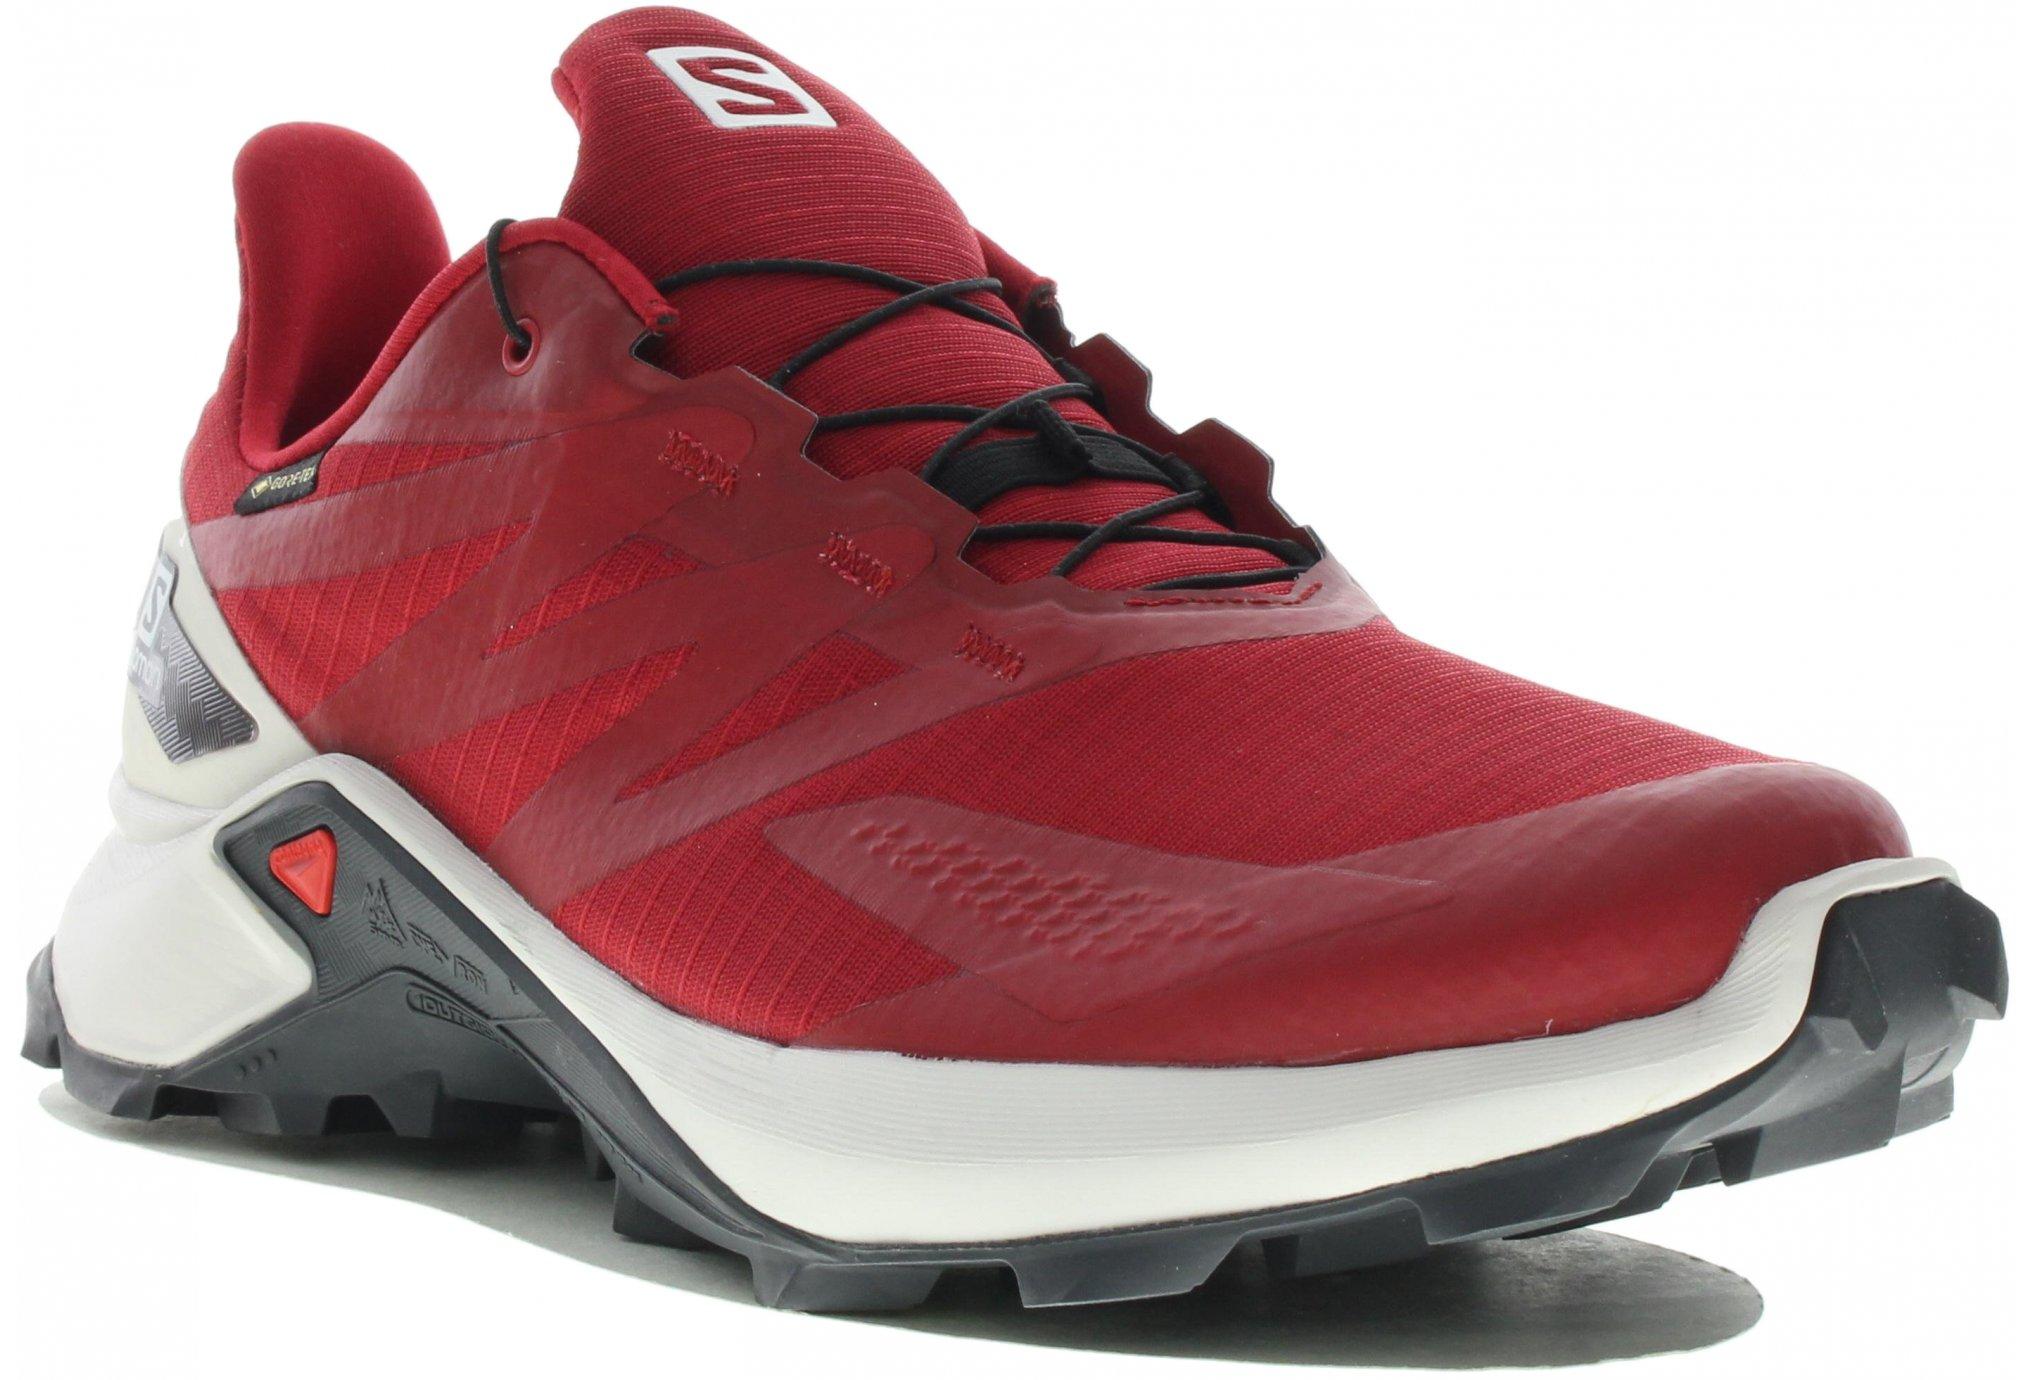 Salomon Supercross Blast Gore-Tex M Diététique Chaussures homme